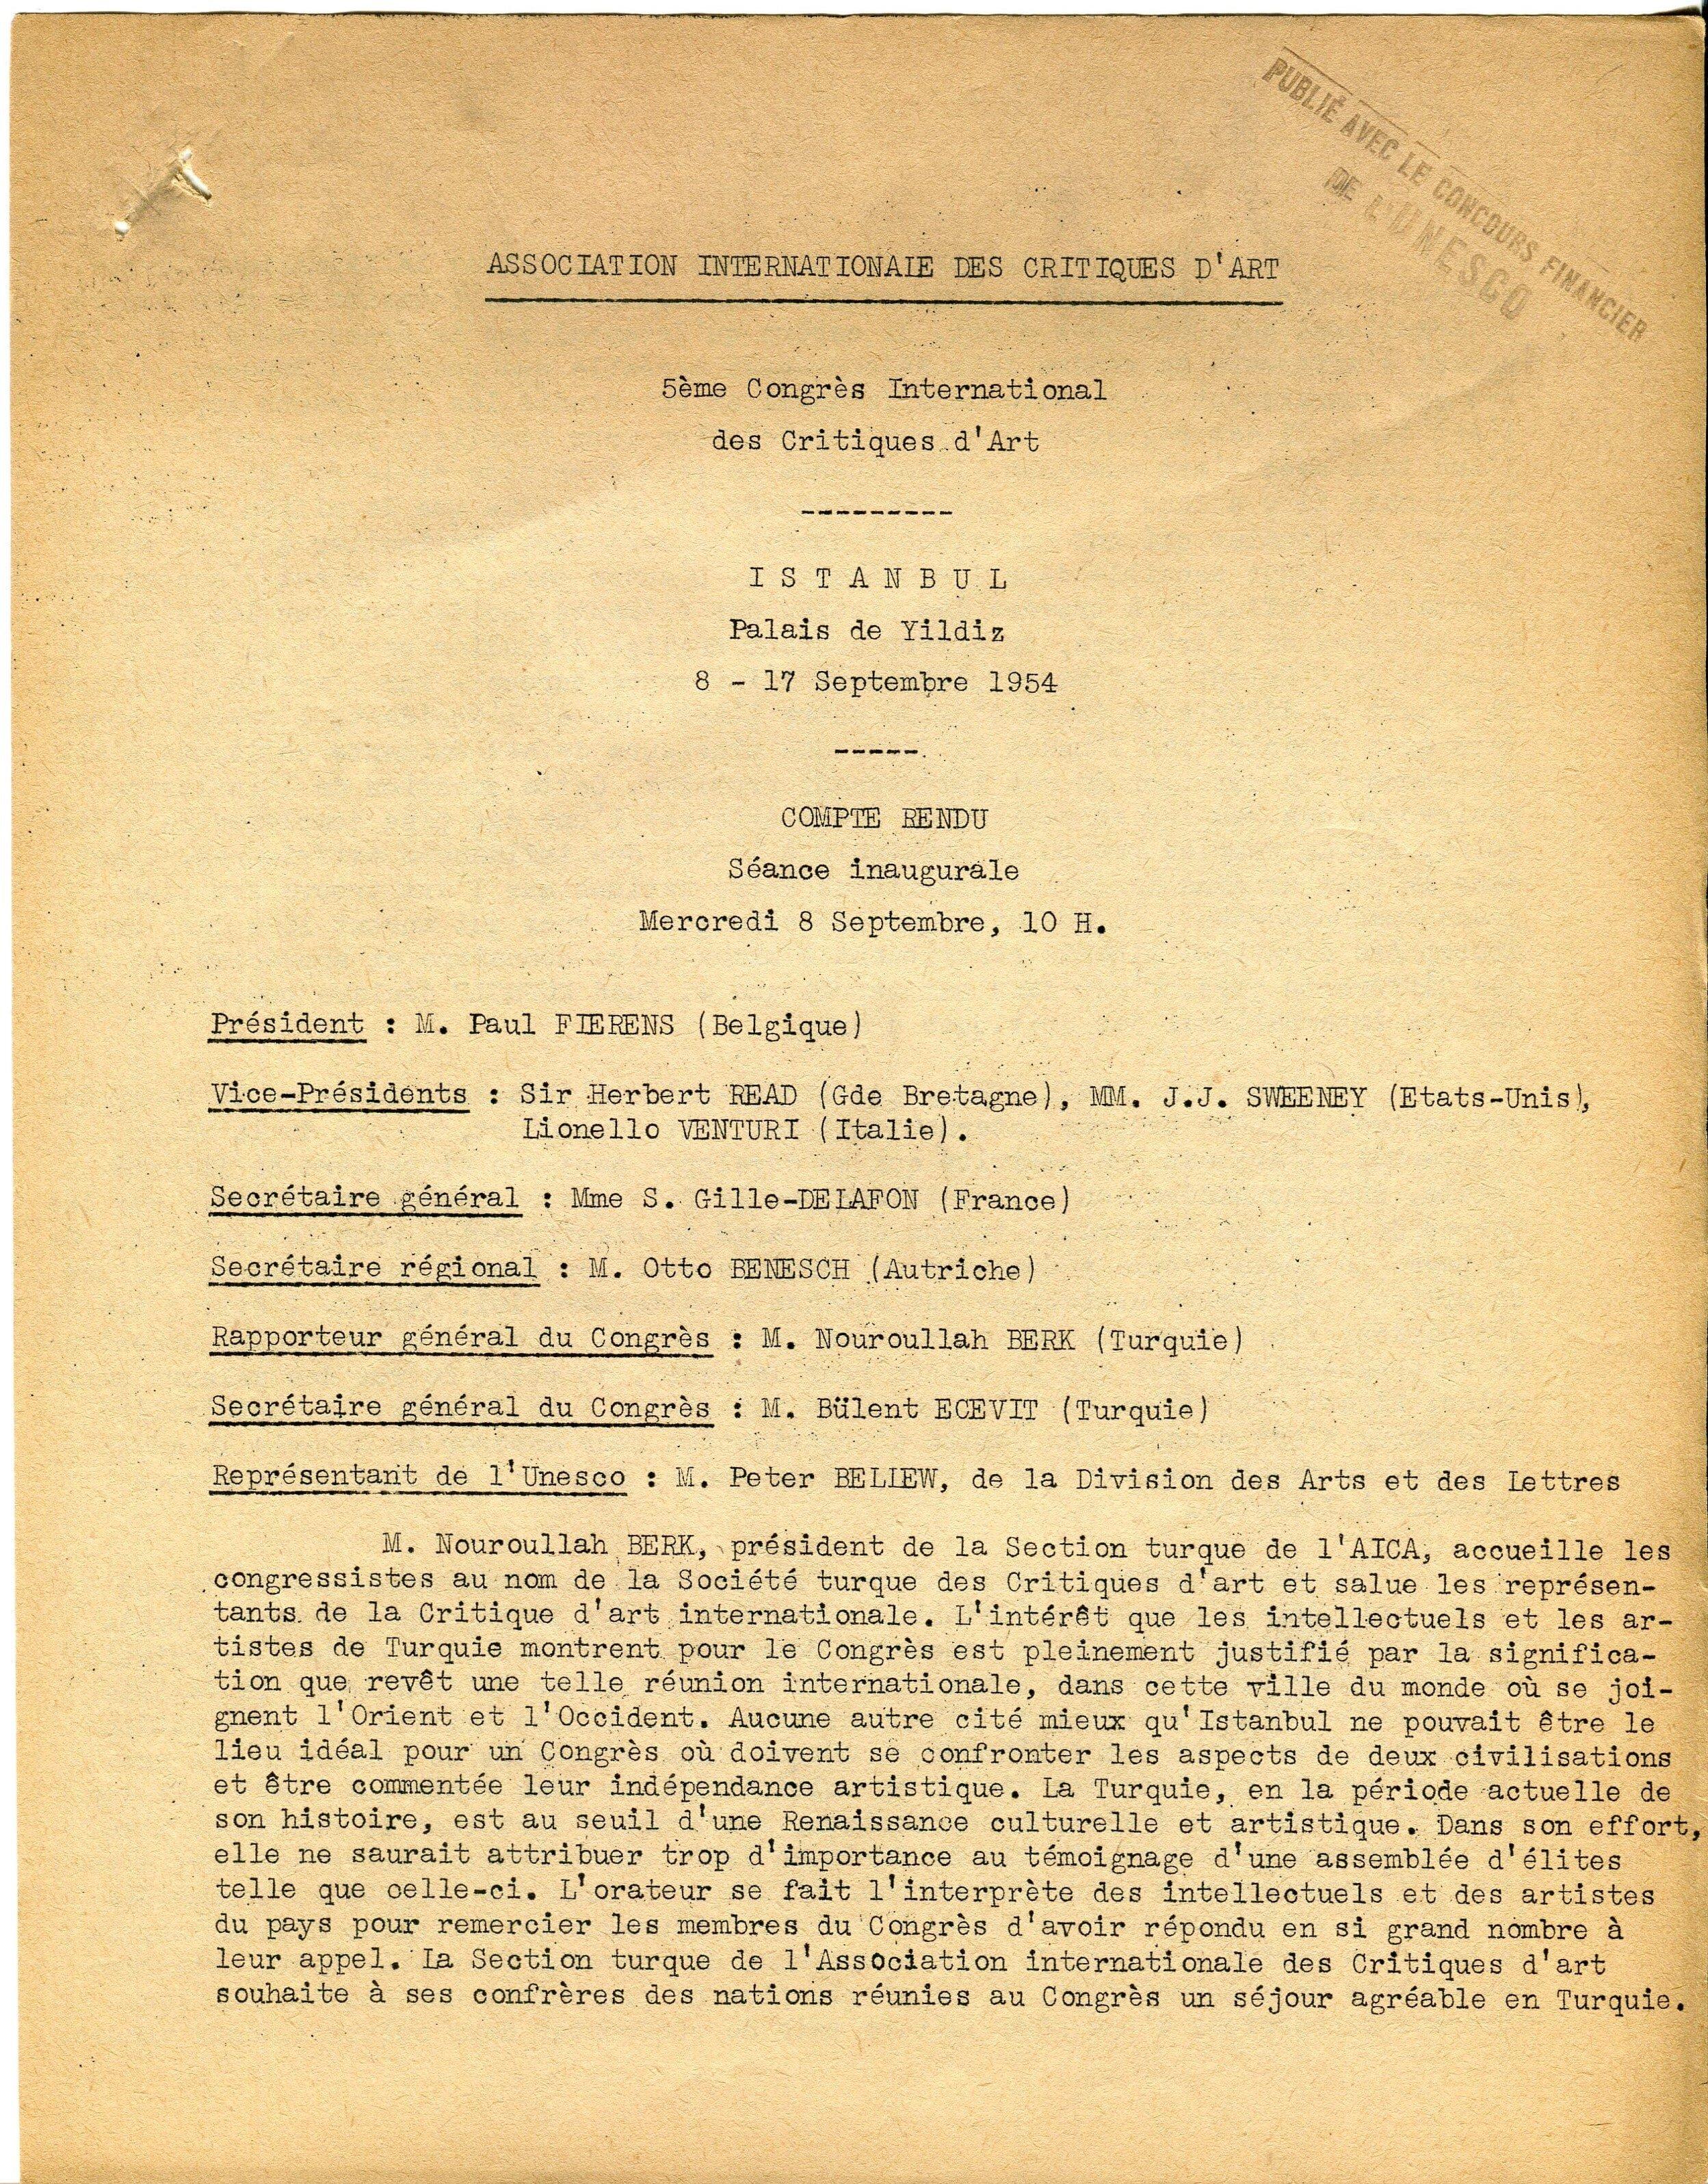 Première page du compte-rendu de la séance inaugurale du V e Congrès de l'AICA, 8-17 septembre 1954, fonds AICA International [FR ACA AICAI THE CON007 10/11], collection INHA – Archives de la critique d'art. Lire le document intégral   ici.